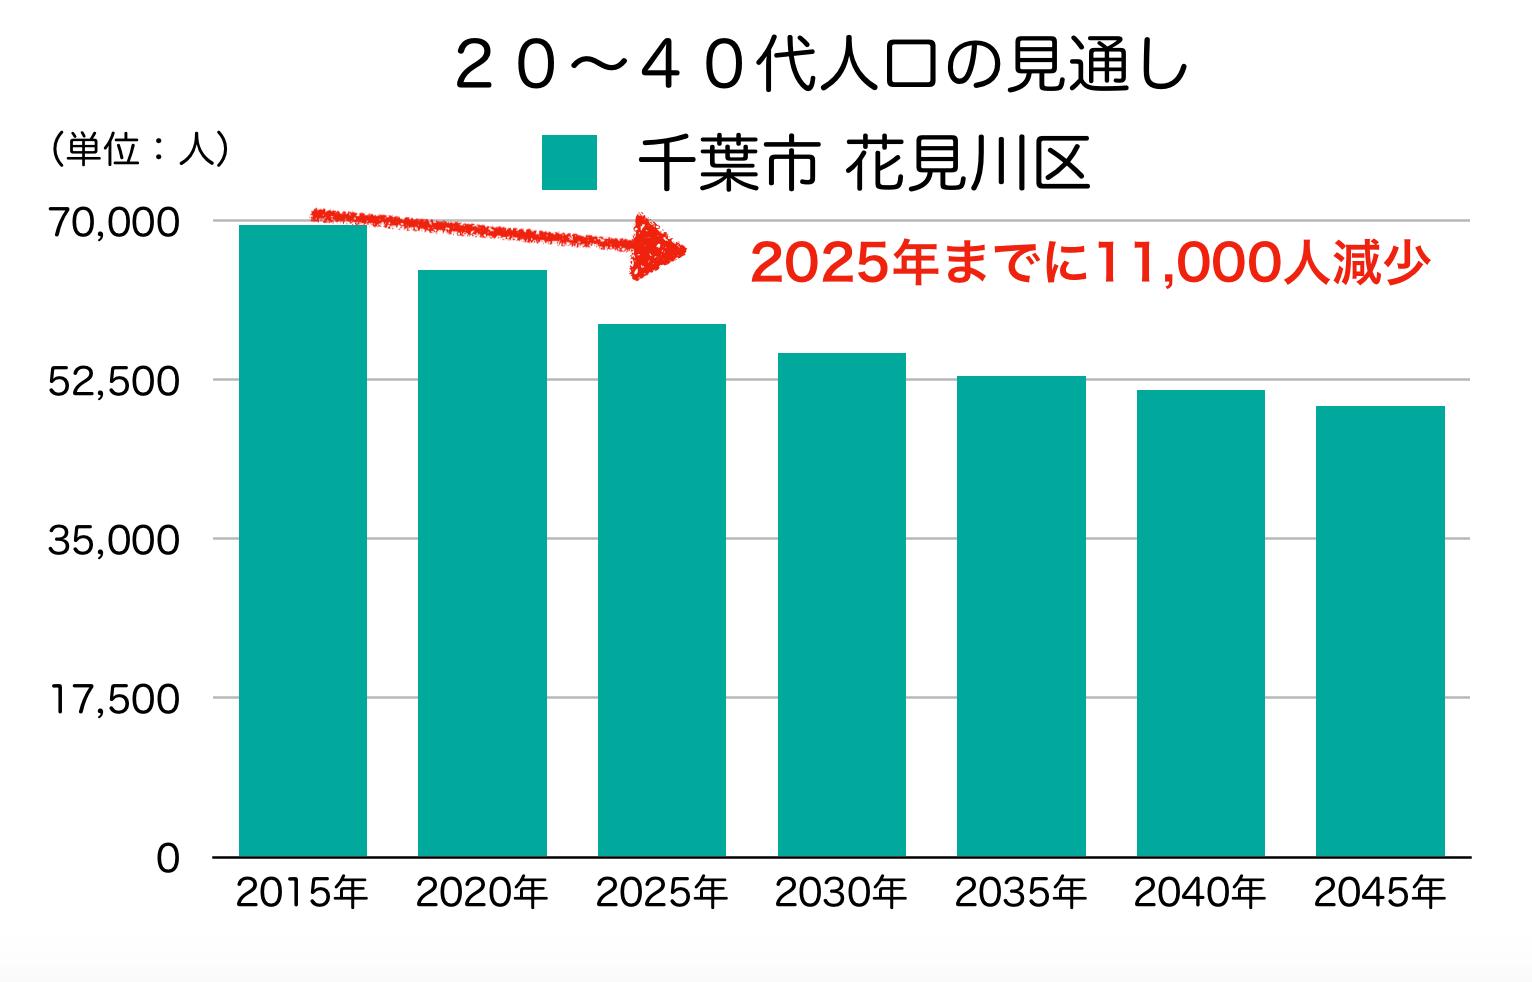 花見川区の20〜40代人口の予測